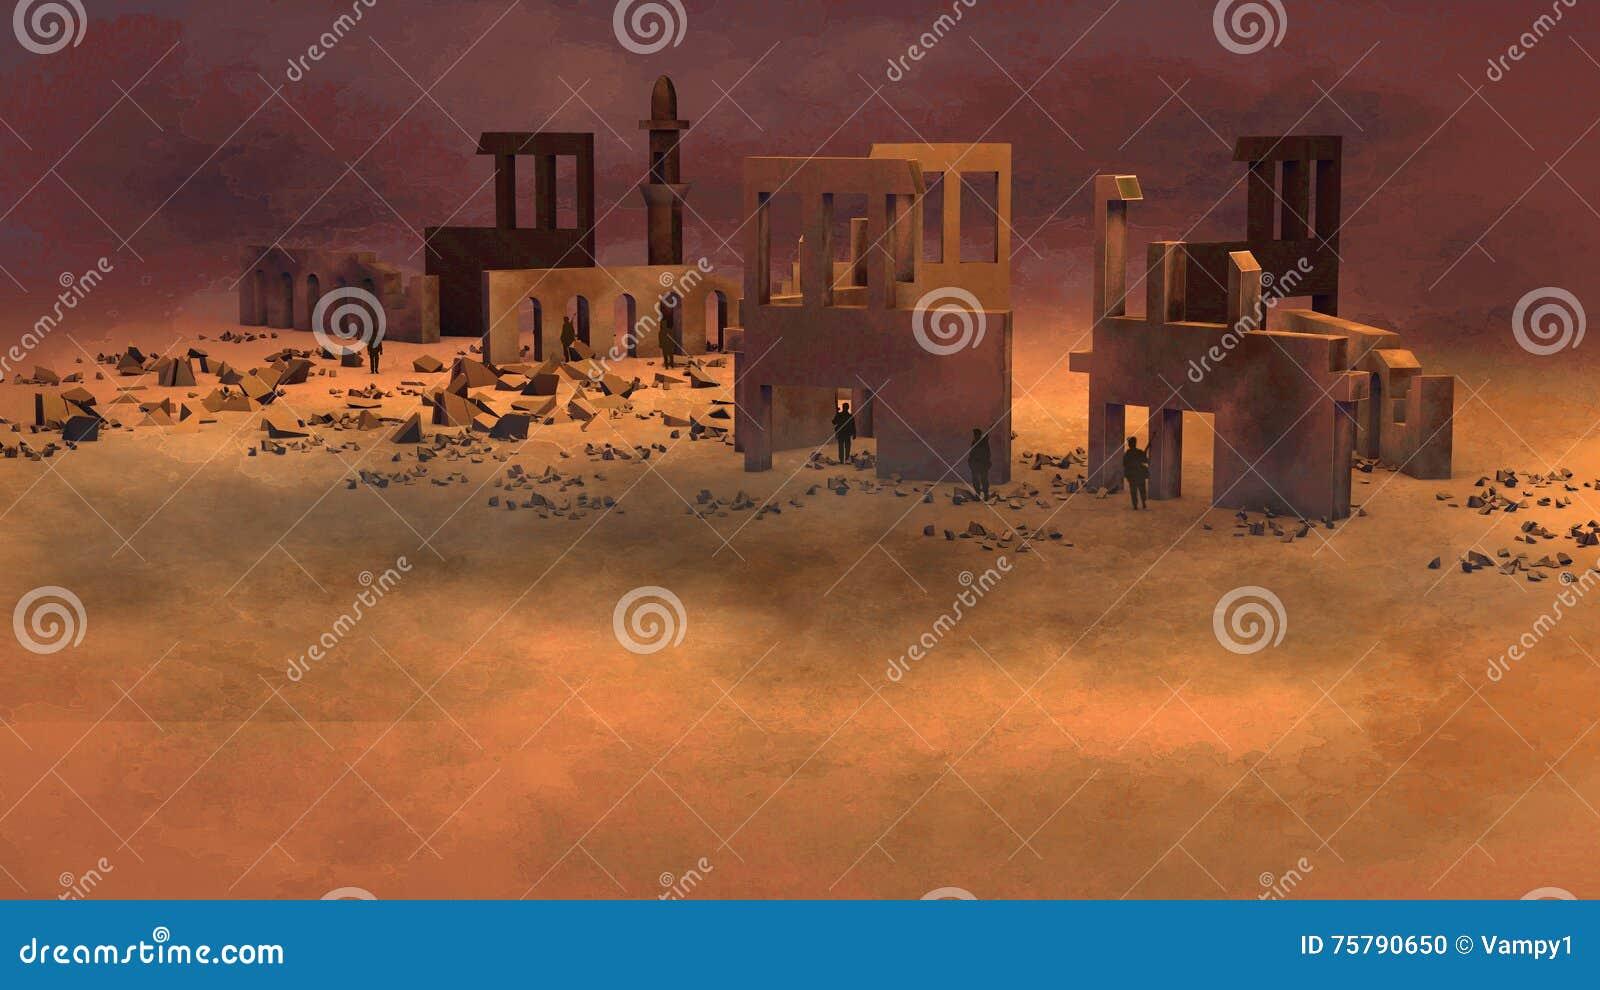 Ruina, zona de guerra con los soldados, edificios, bombardeo, terrorismo